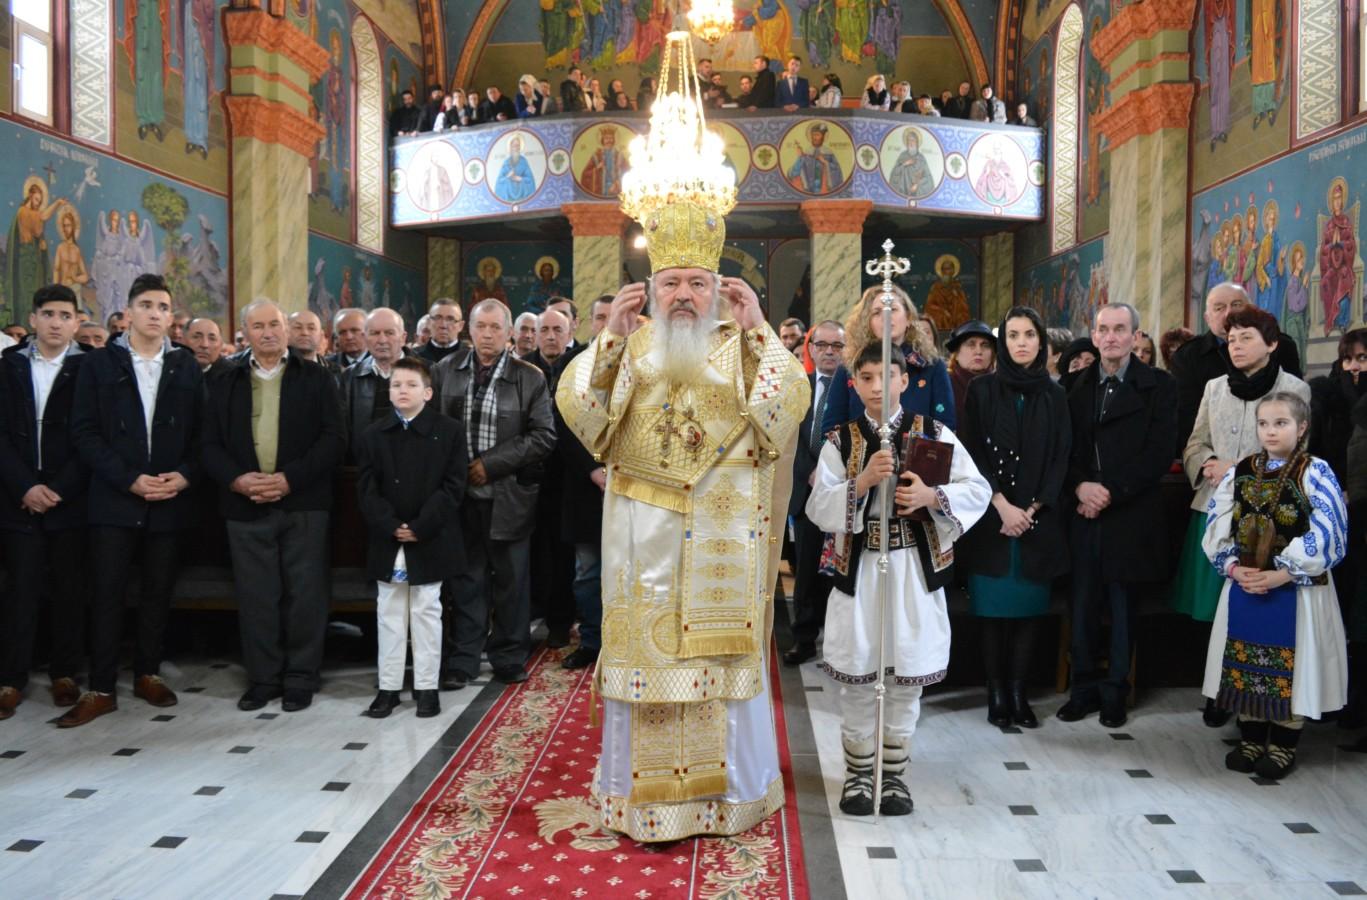 """ÎPS Andrei, la Măgura Ilvei: """"Crucea este flamura sub care ne luptăm noi creștinii împotriva celui rău!"""""""